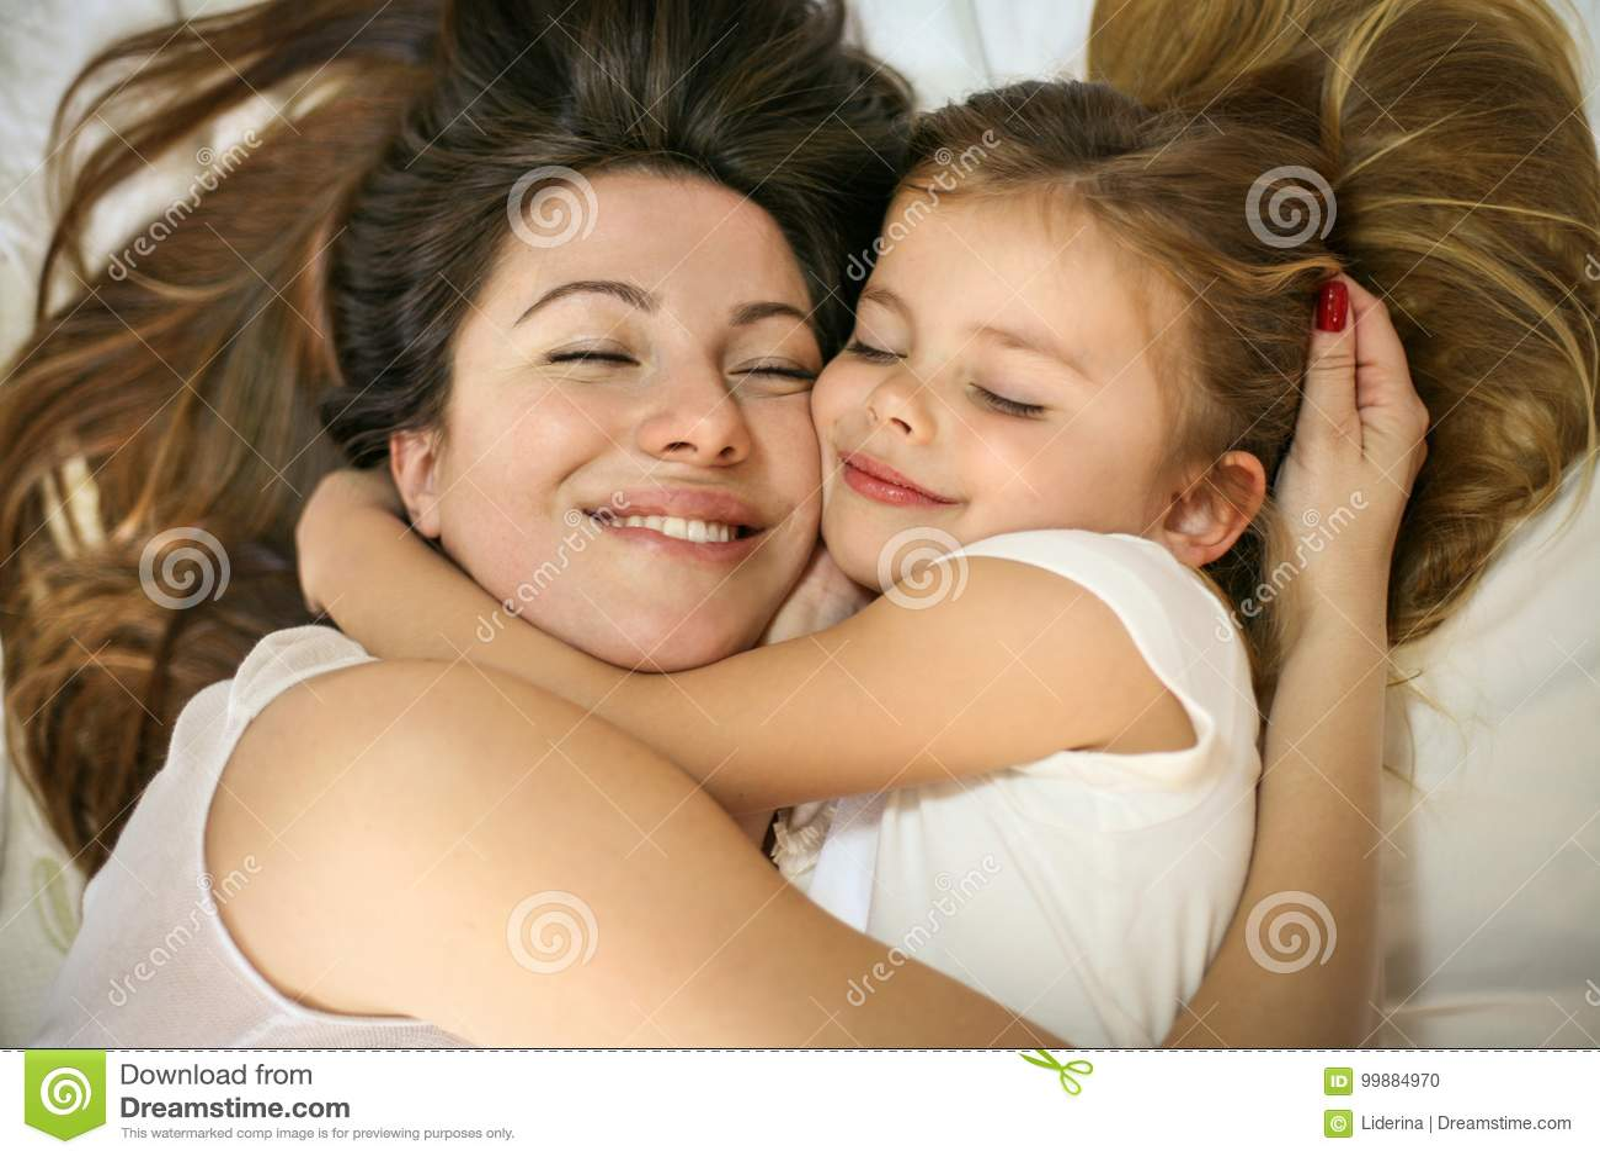 Geniet van deze moeder en dochter